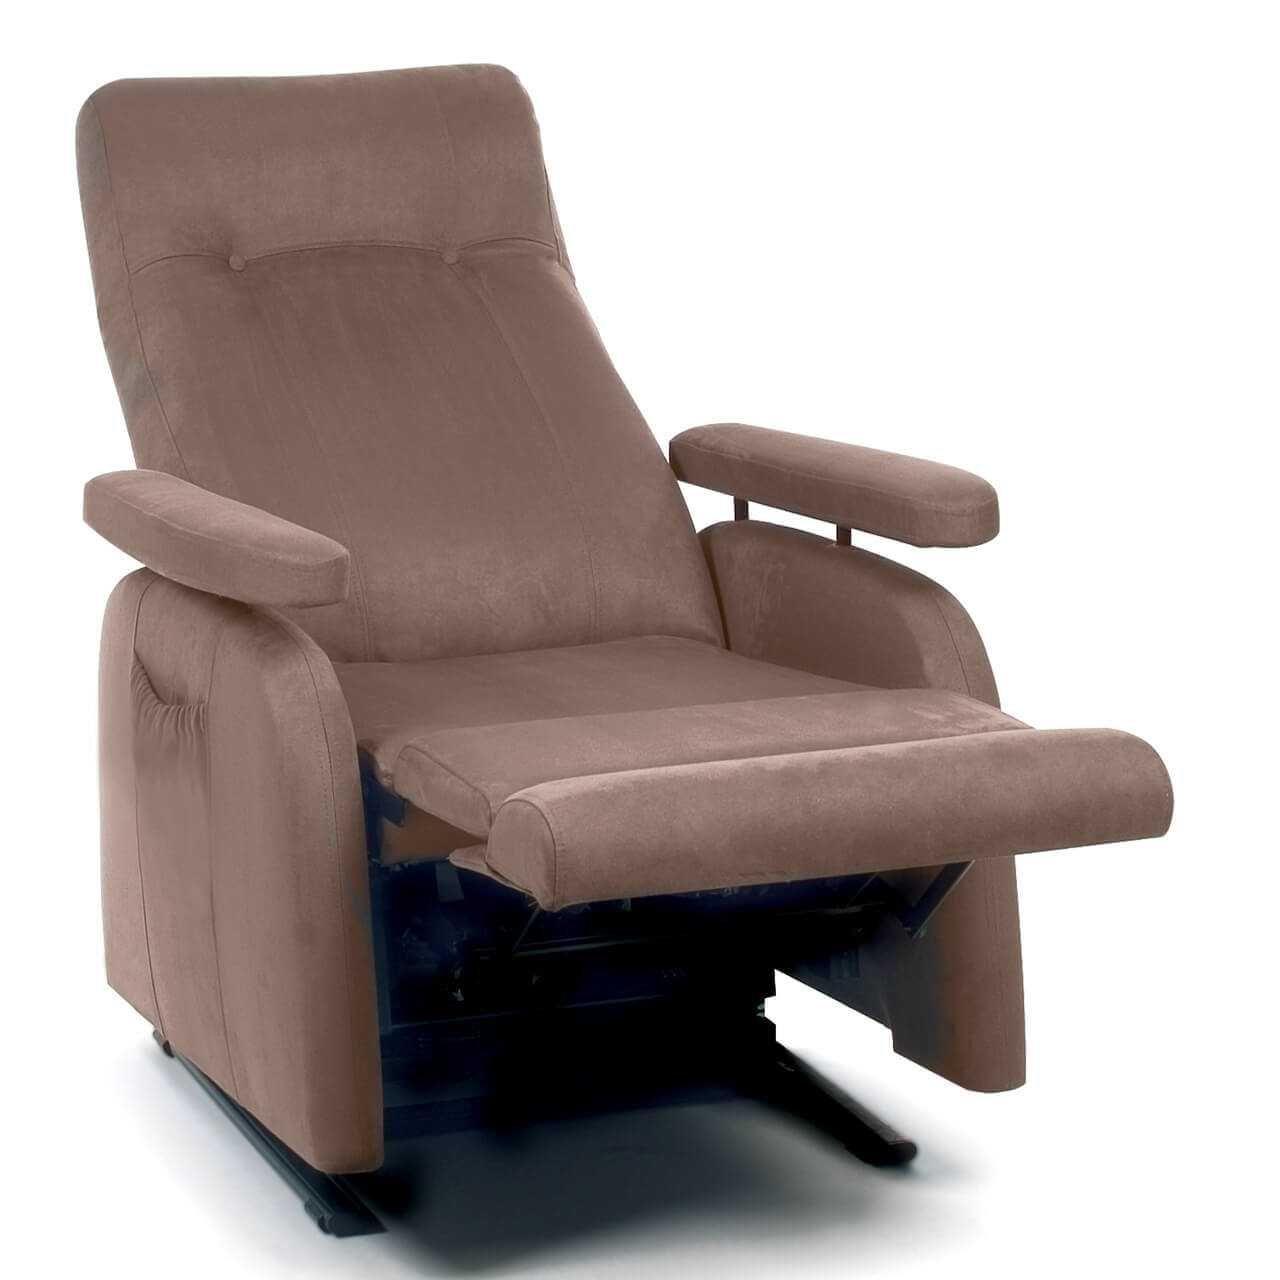 Modulair sta op stoel ARTNRNNB 0000s 0001 Schuin uitgeklapt